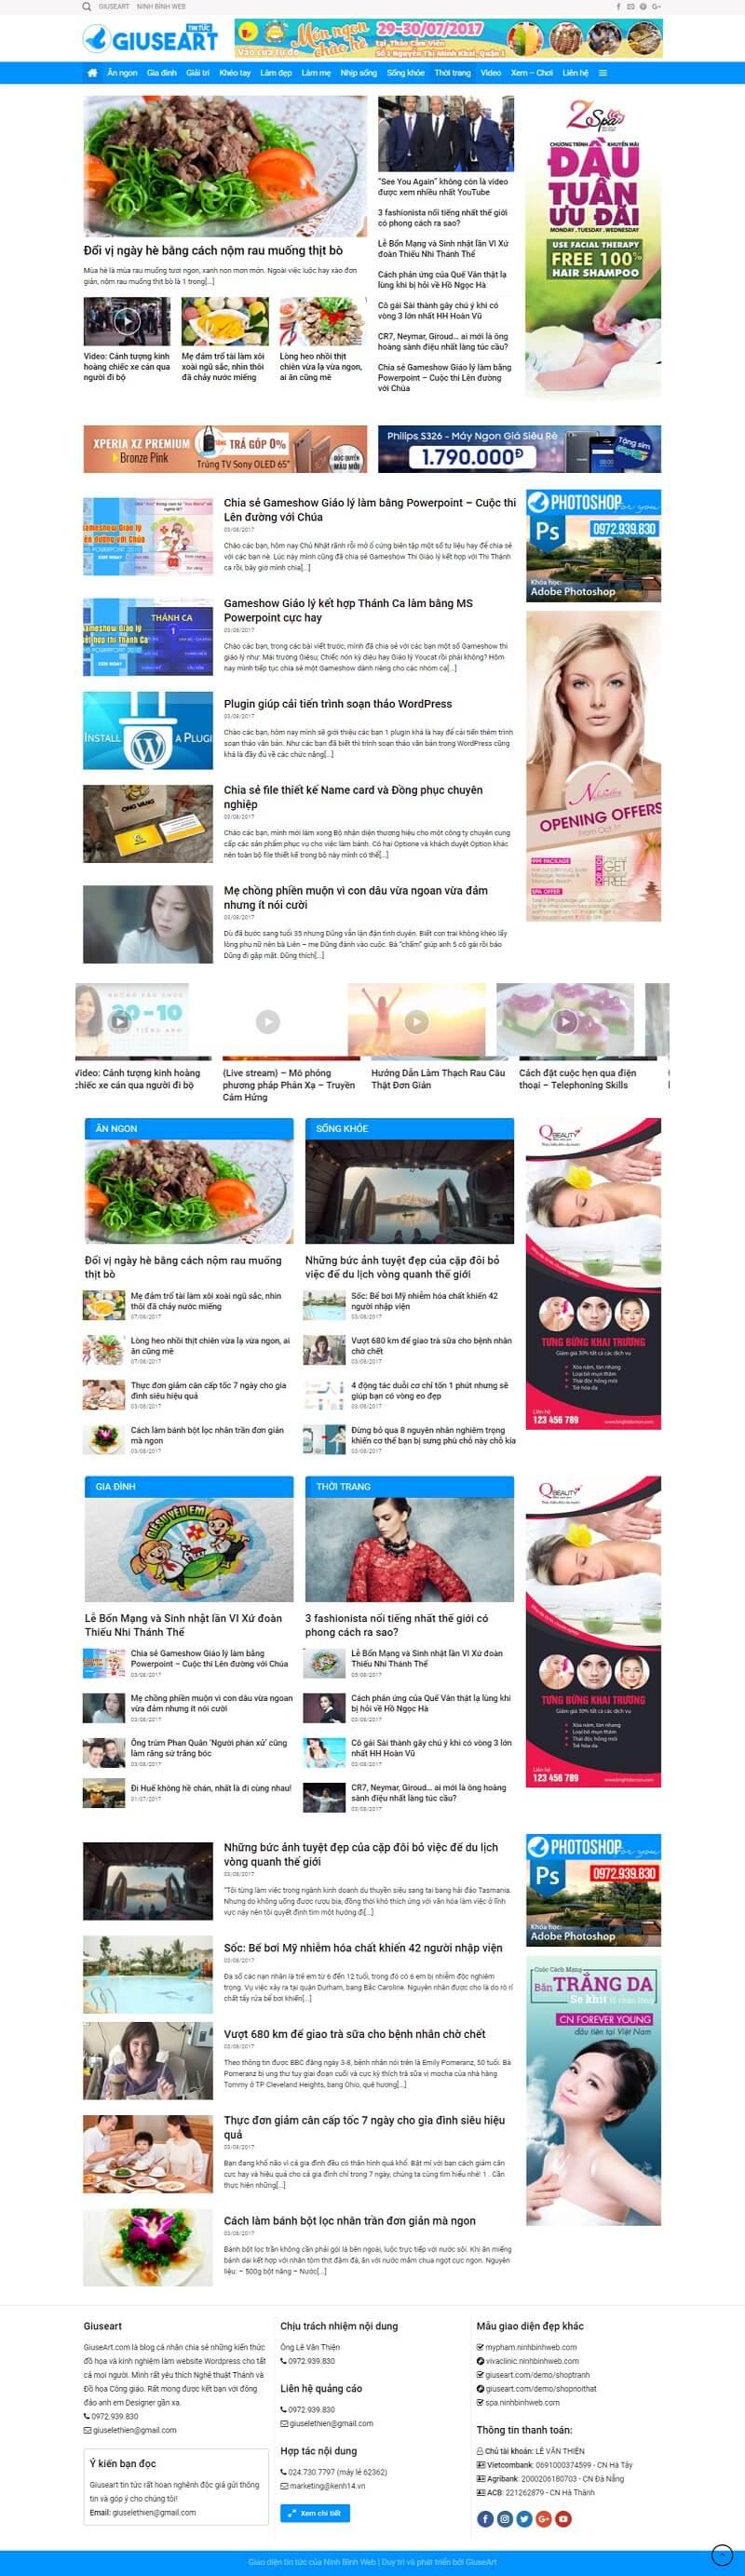 Demo website tin tức của Giuseart.com – Thiết kế website chuẩn SEO uy tín, chuyên nghiệp tại Đà Nẵng (1)